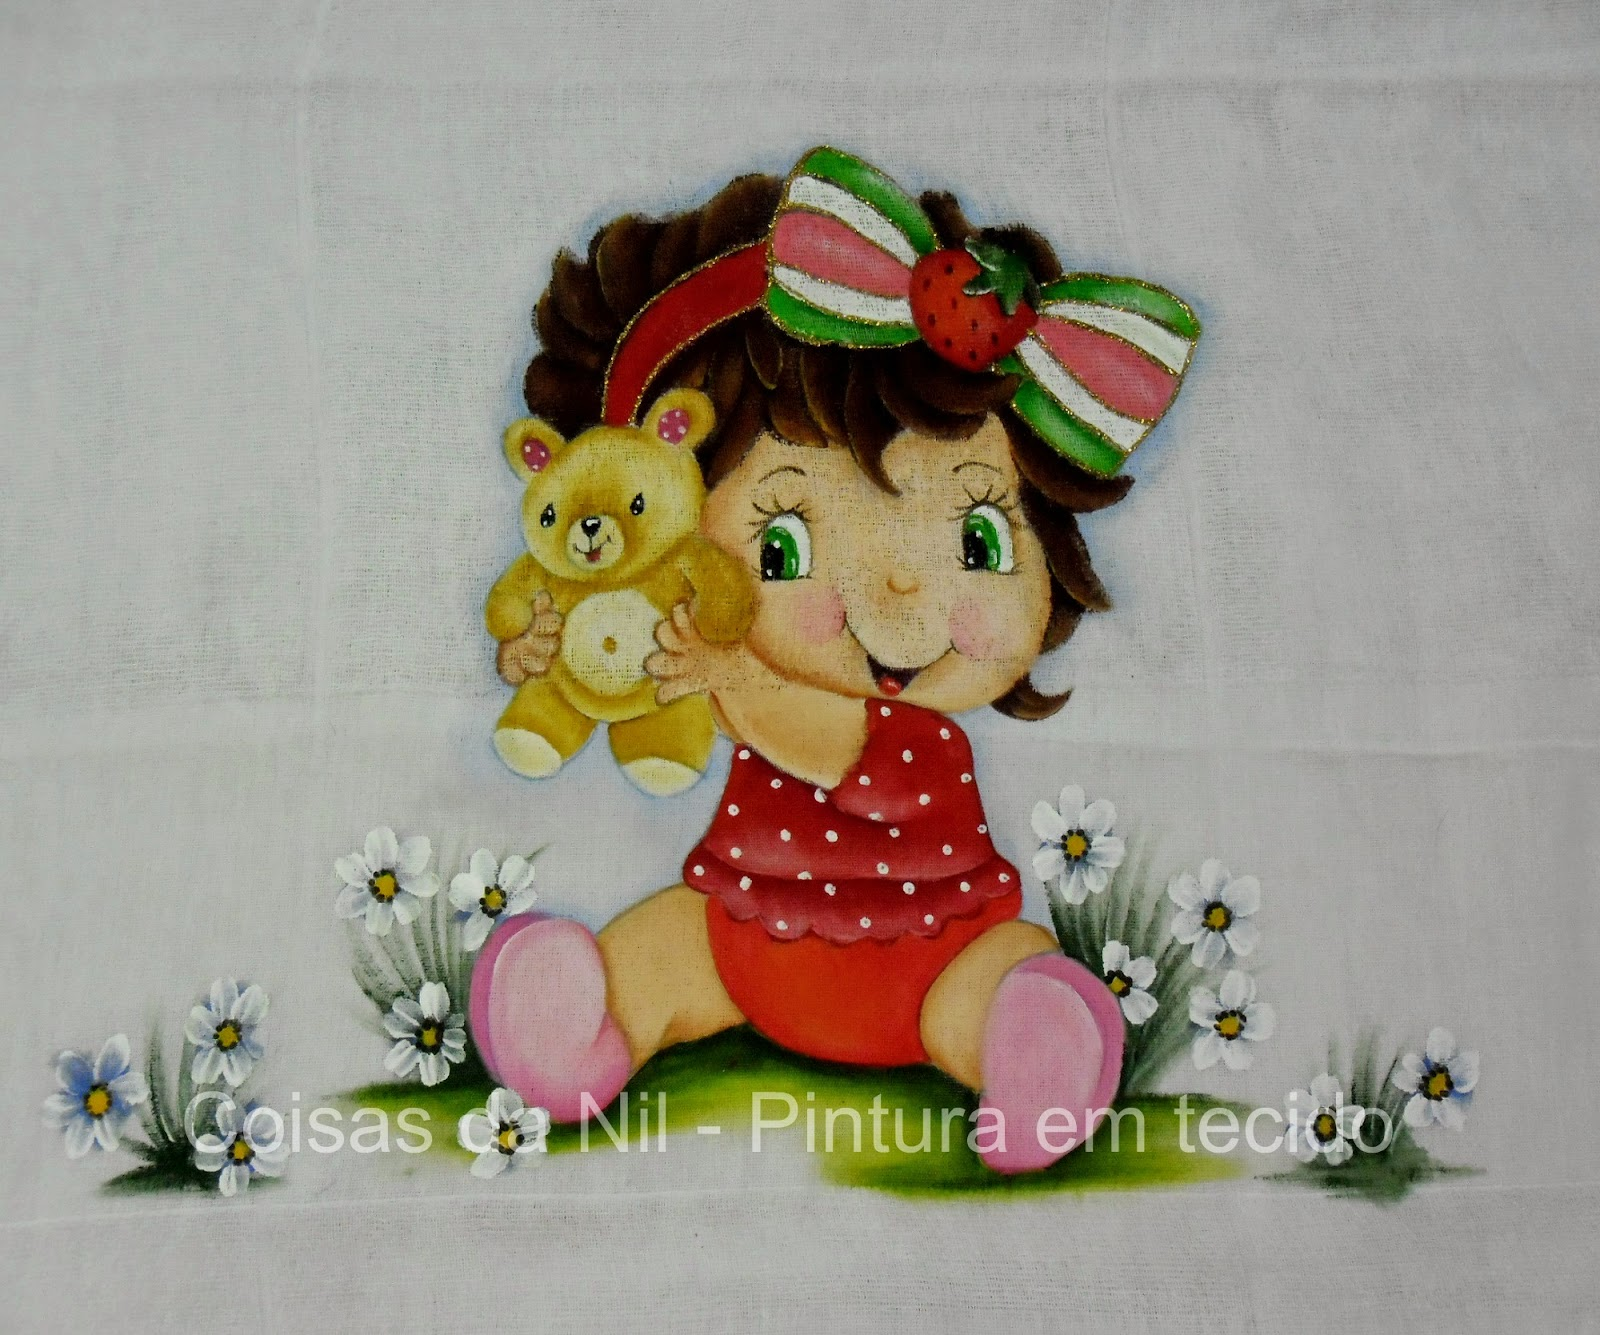 fralda para menina com pintura da moranguinho baby com ursinho